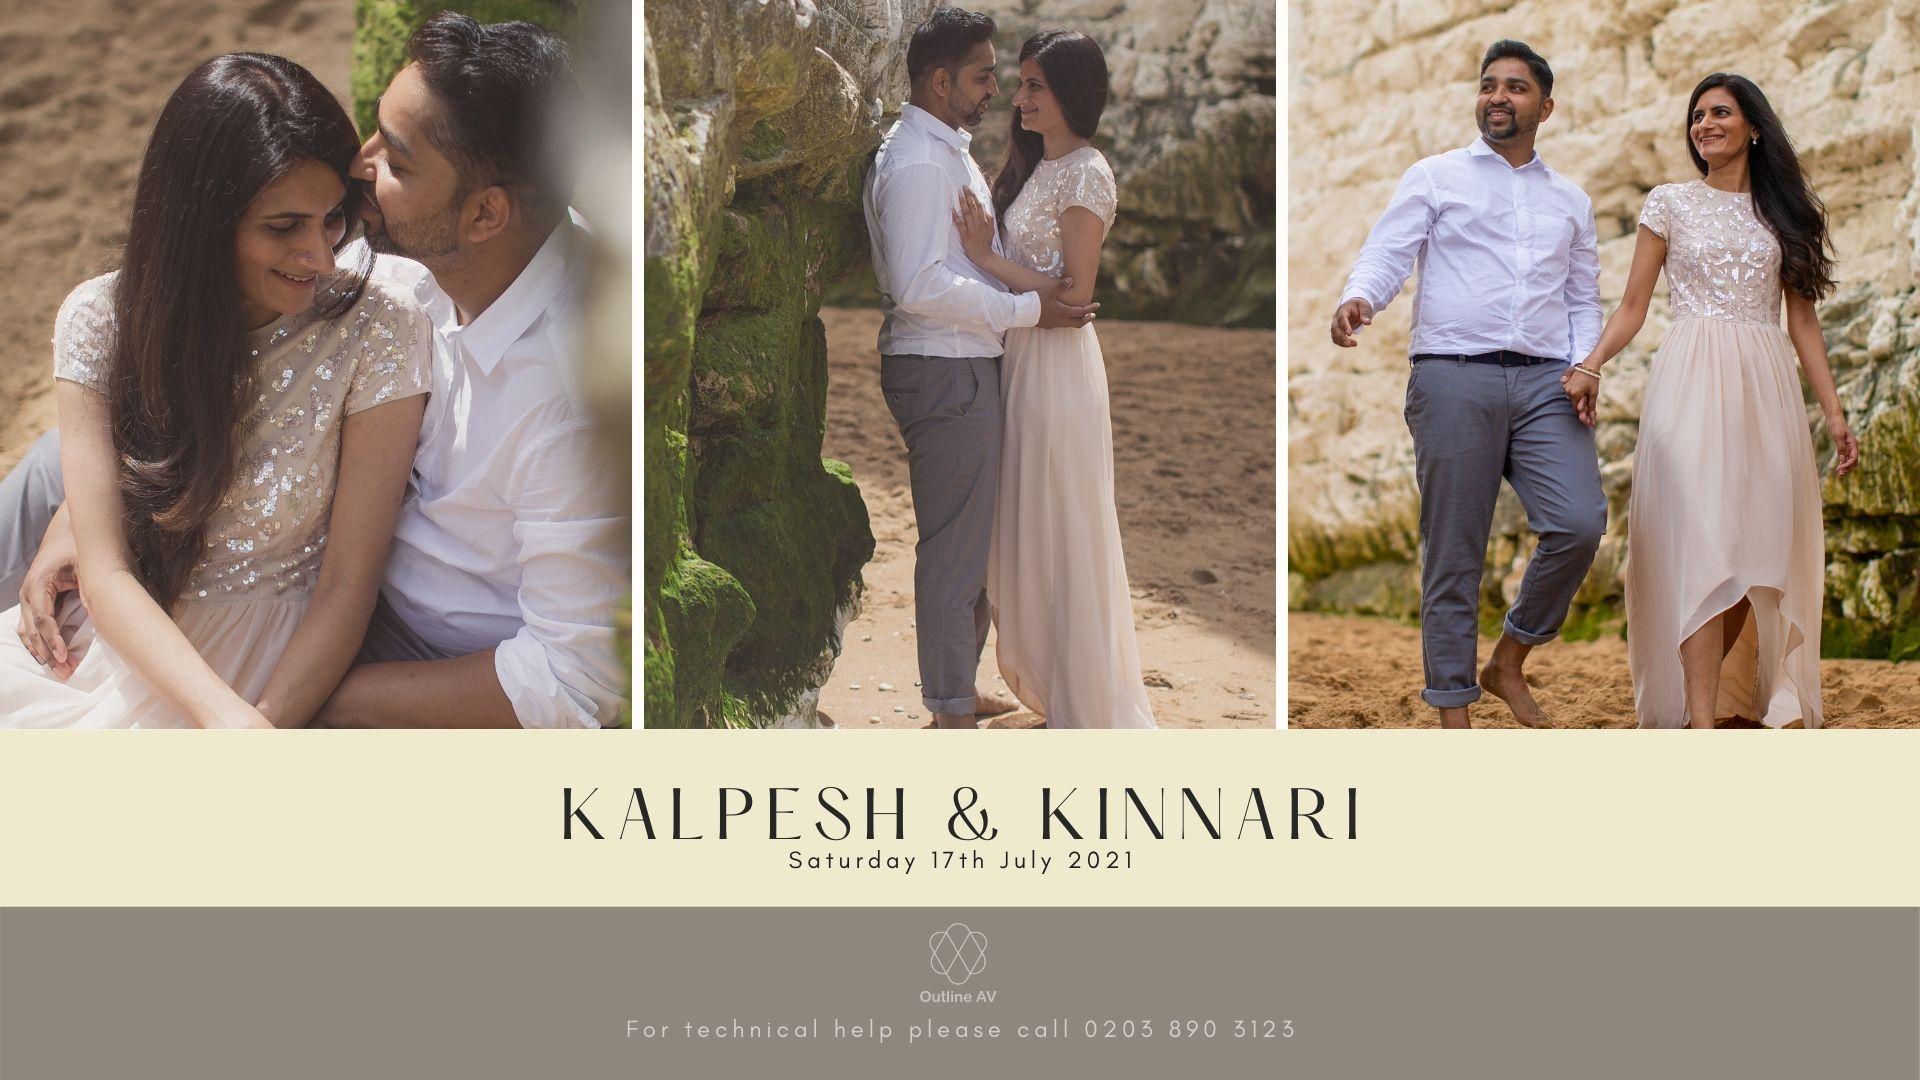 Kalpesh & Kinnari - Live Stream